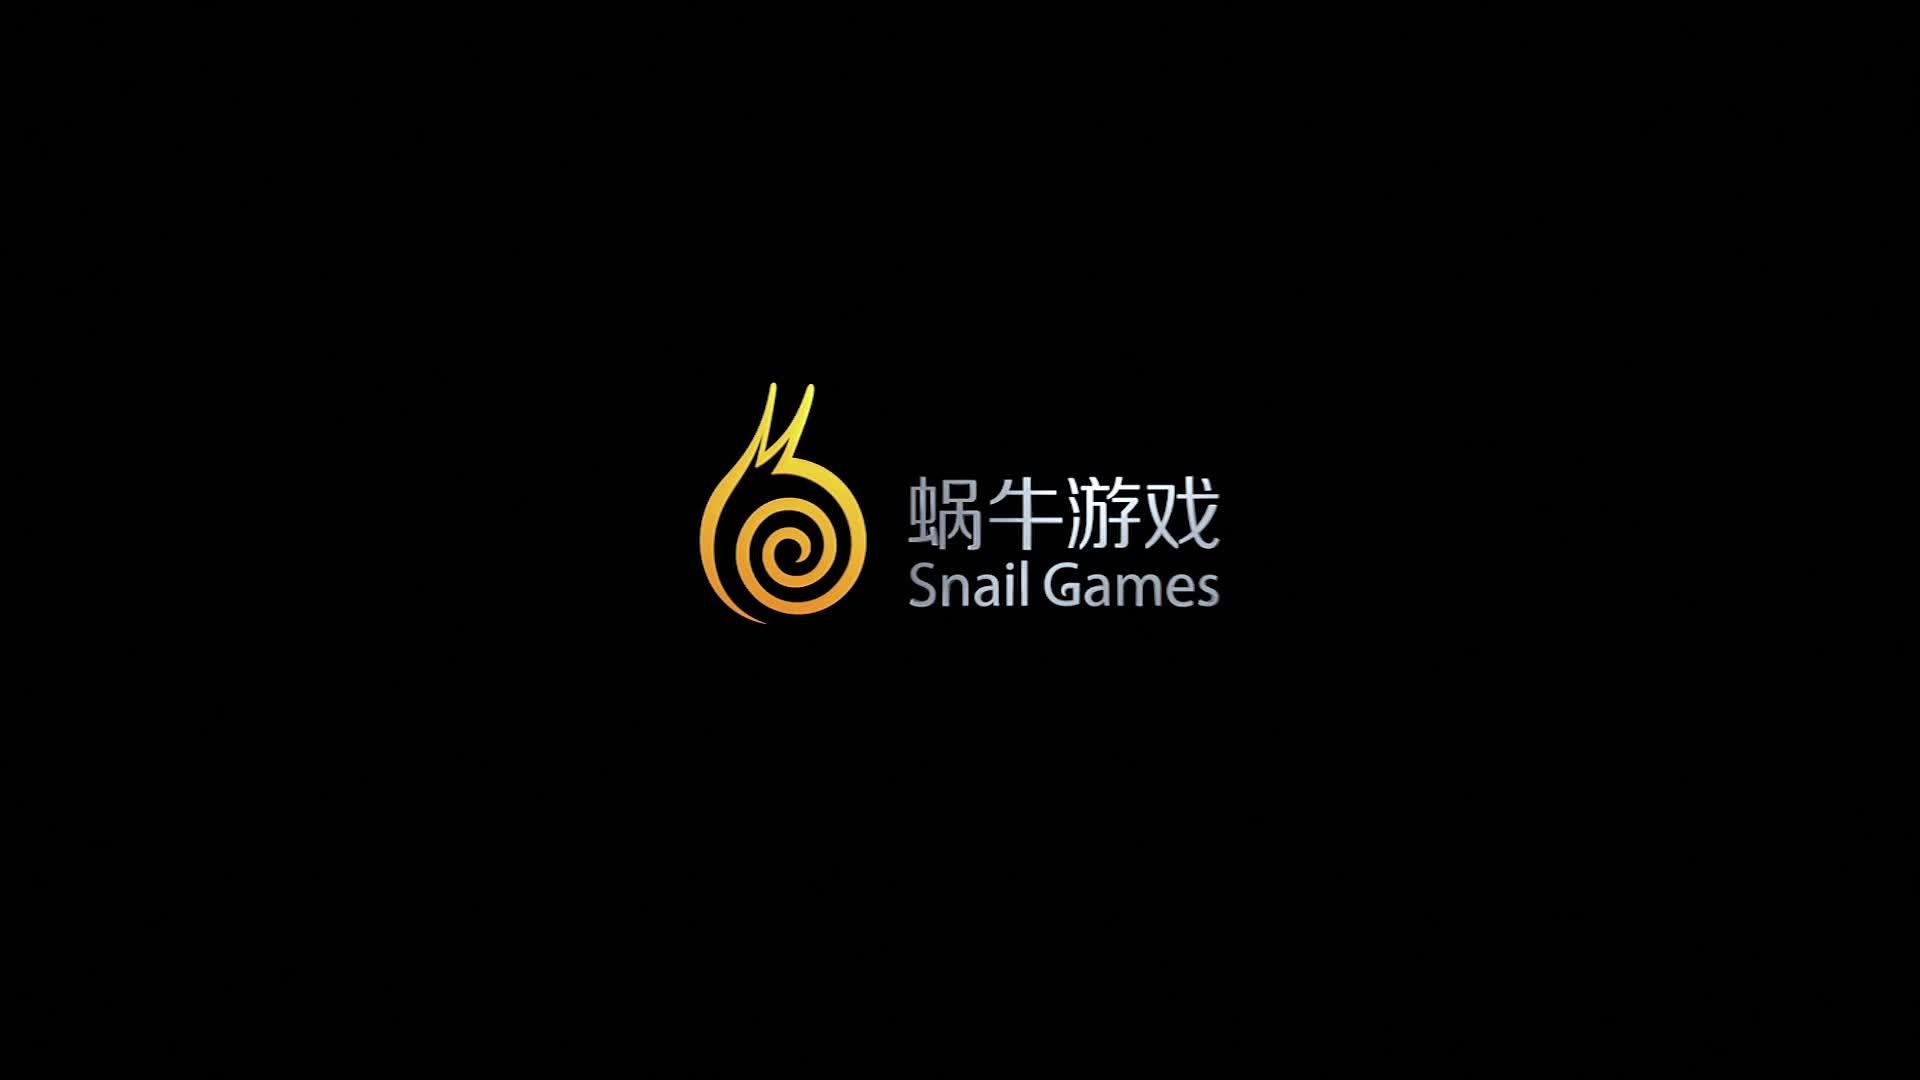 Thiên Kê Chi Bạch Xà Truyền Thuyết - Siêu phẩm tiên hiệp chuyển thể từ phim nổi tiếng của Snail Games - ảnh 2